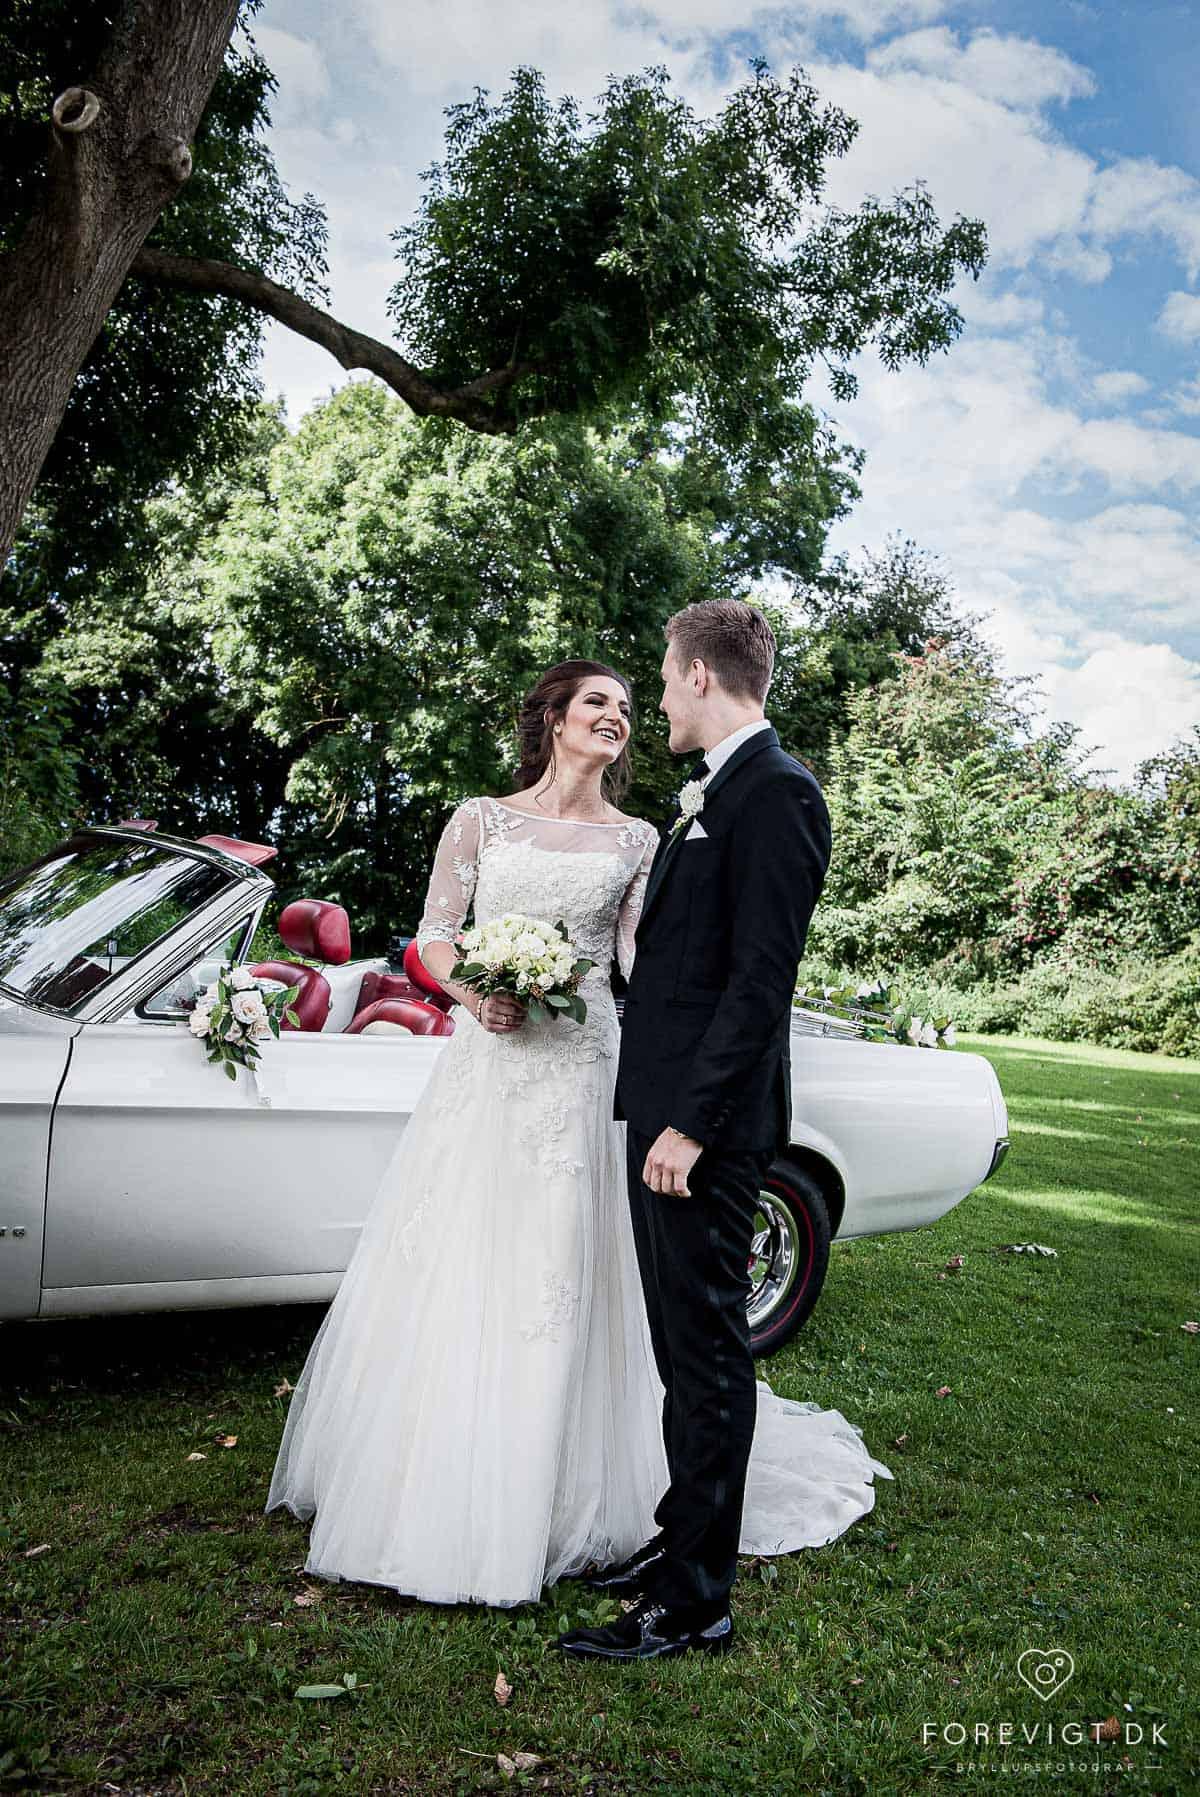 Bryllupsfotografering på Sjælland